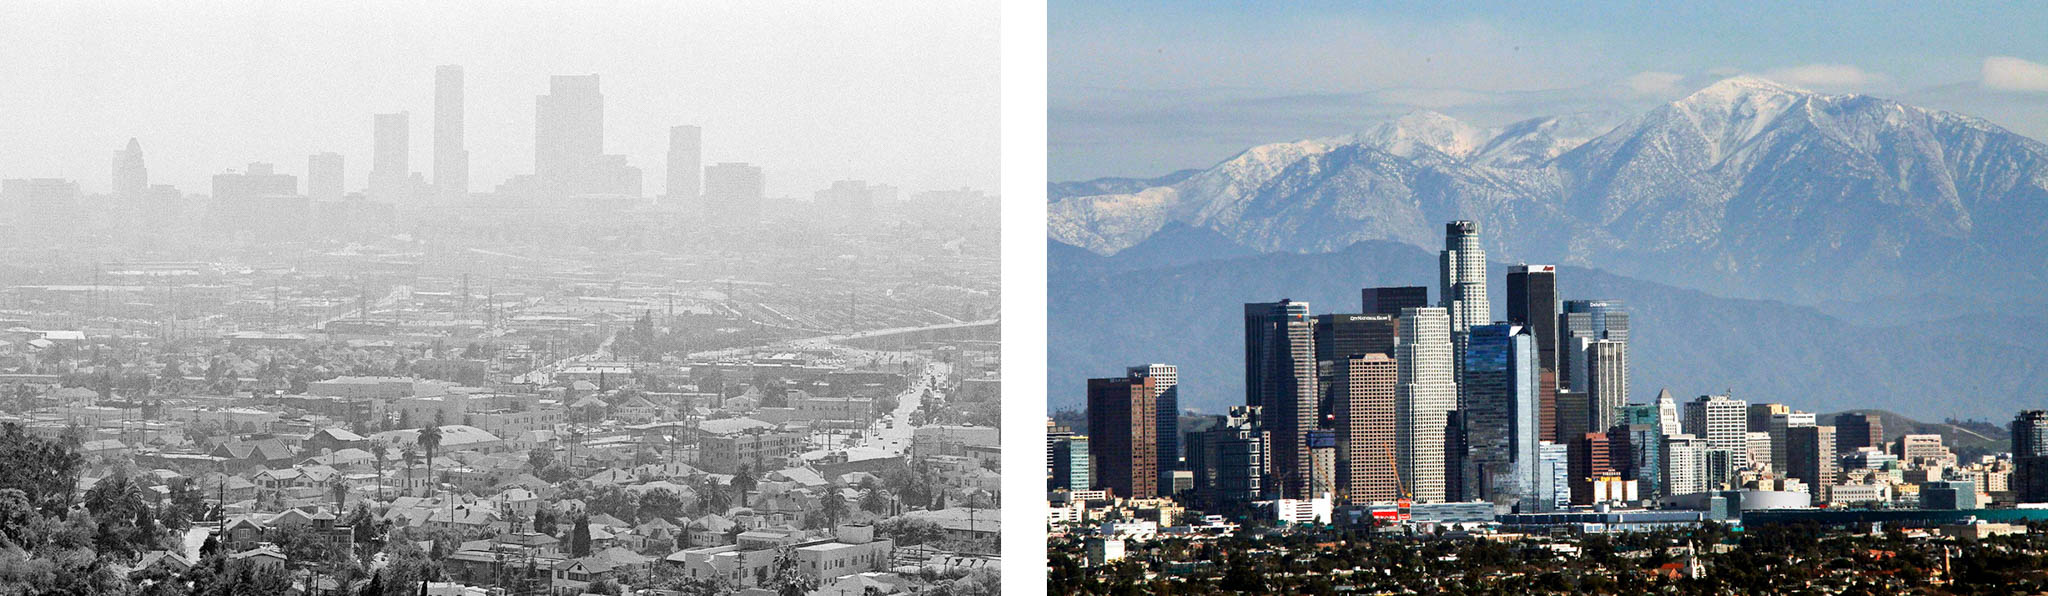 Los Angeles com smog, à esquerda e com ar puro revelando as montanhas de San Gabriel, à direita (Ambas as imagens: © Nick Ut/AP Images)